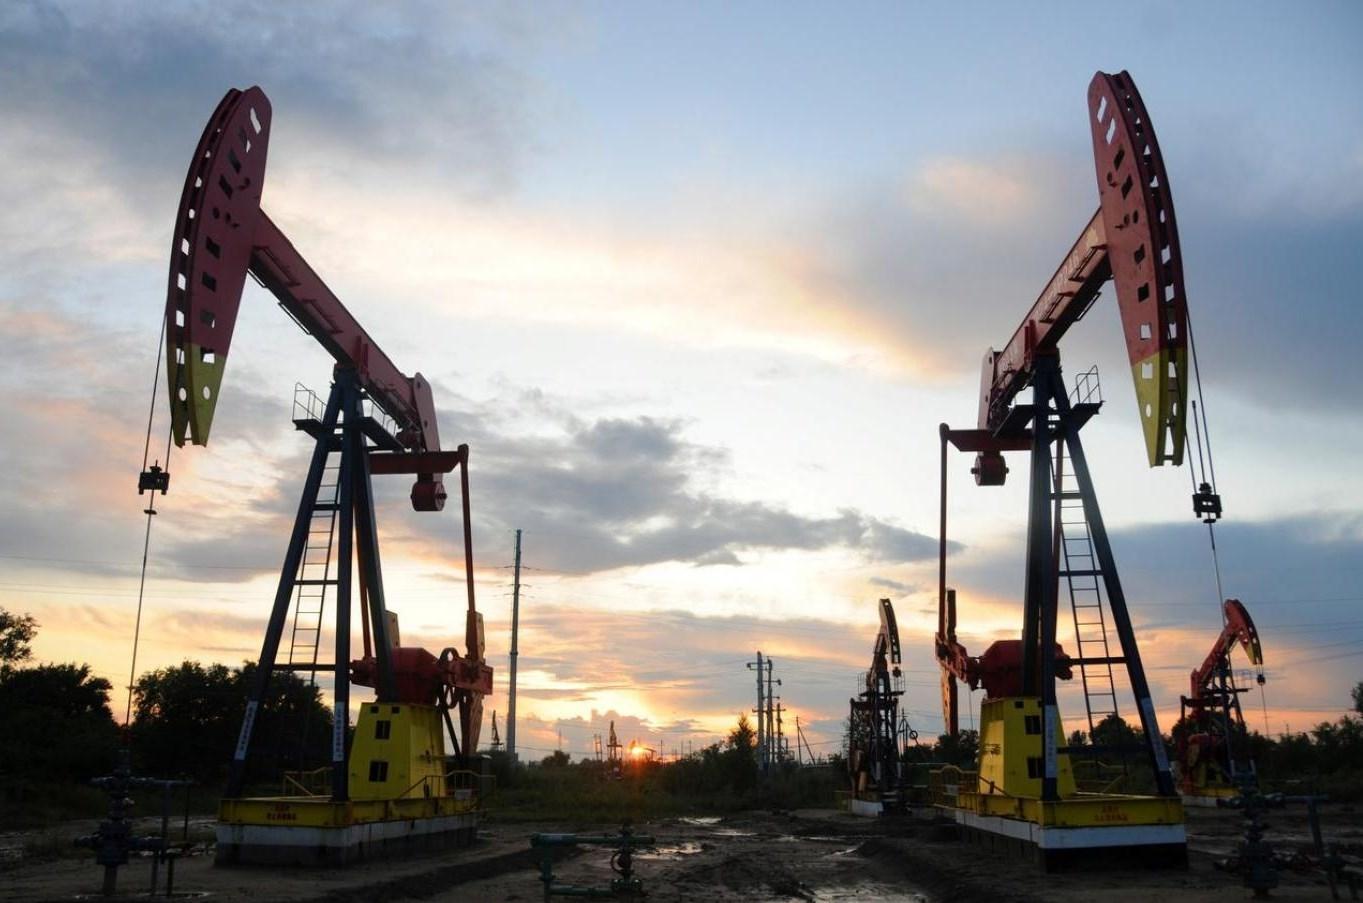 كورونا وزيادة غير متوقعة لمخزونات النفط الأميركي يسببا تراجع اسعار النفط